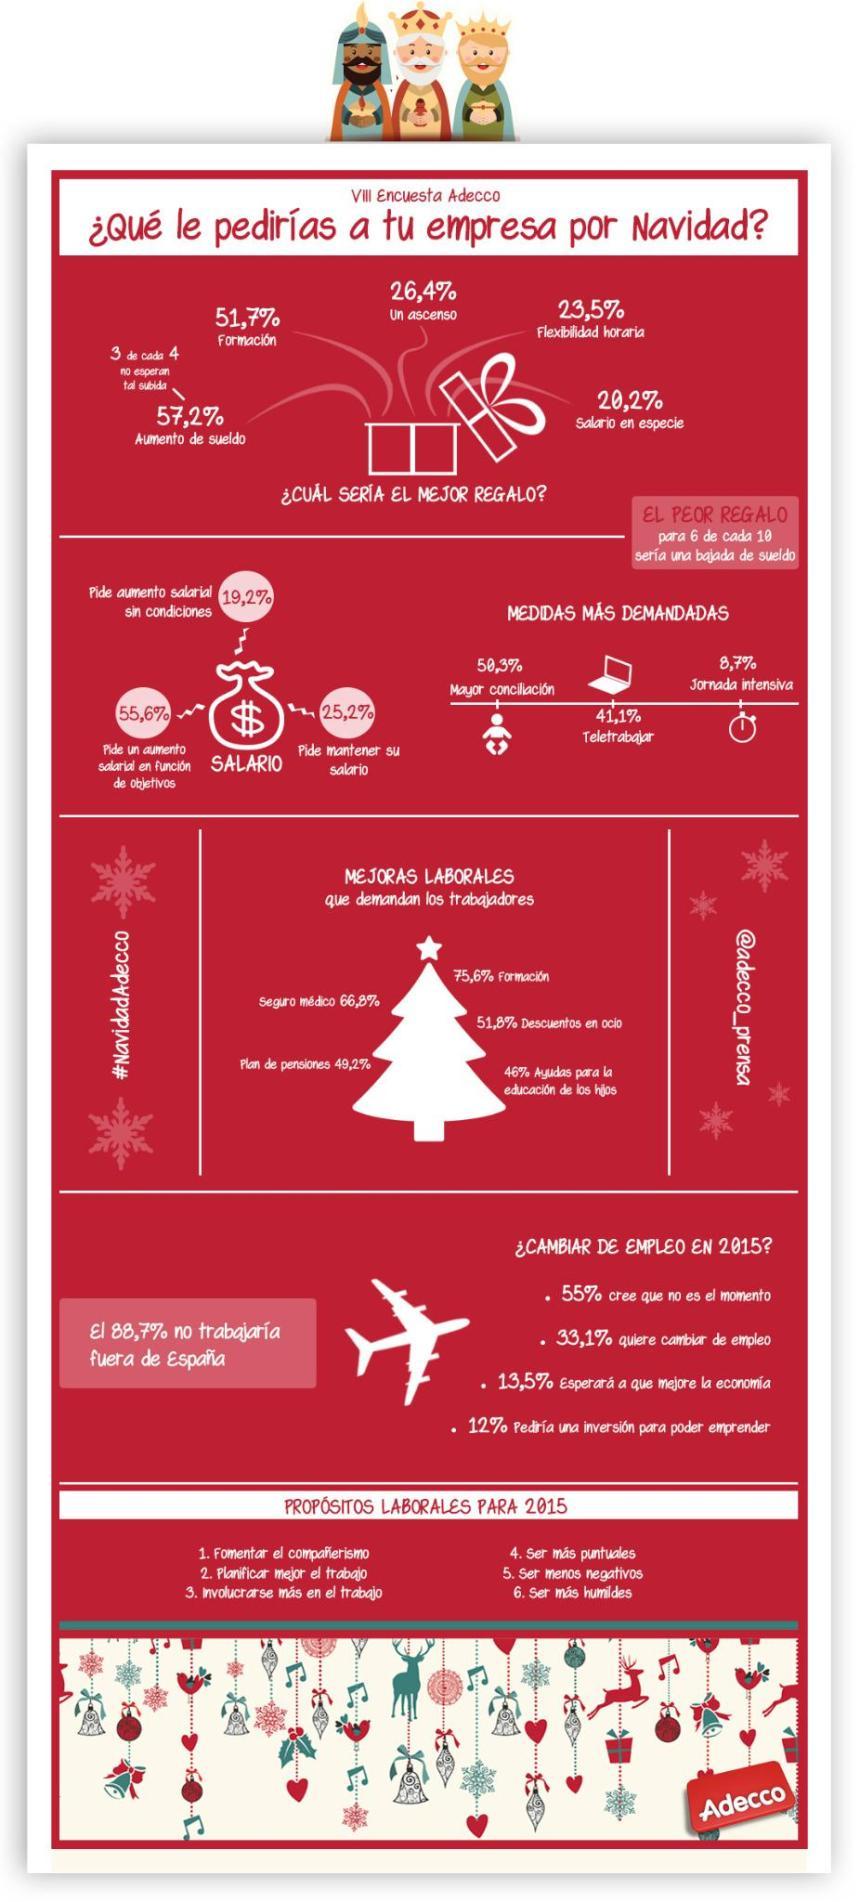 Qué le pedirías a tu empresa en Navidad